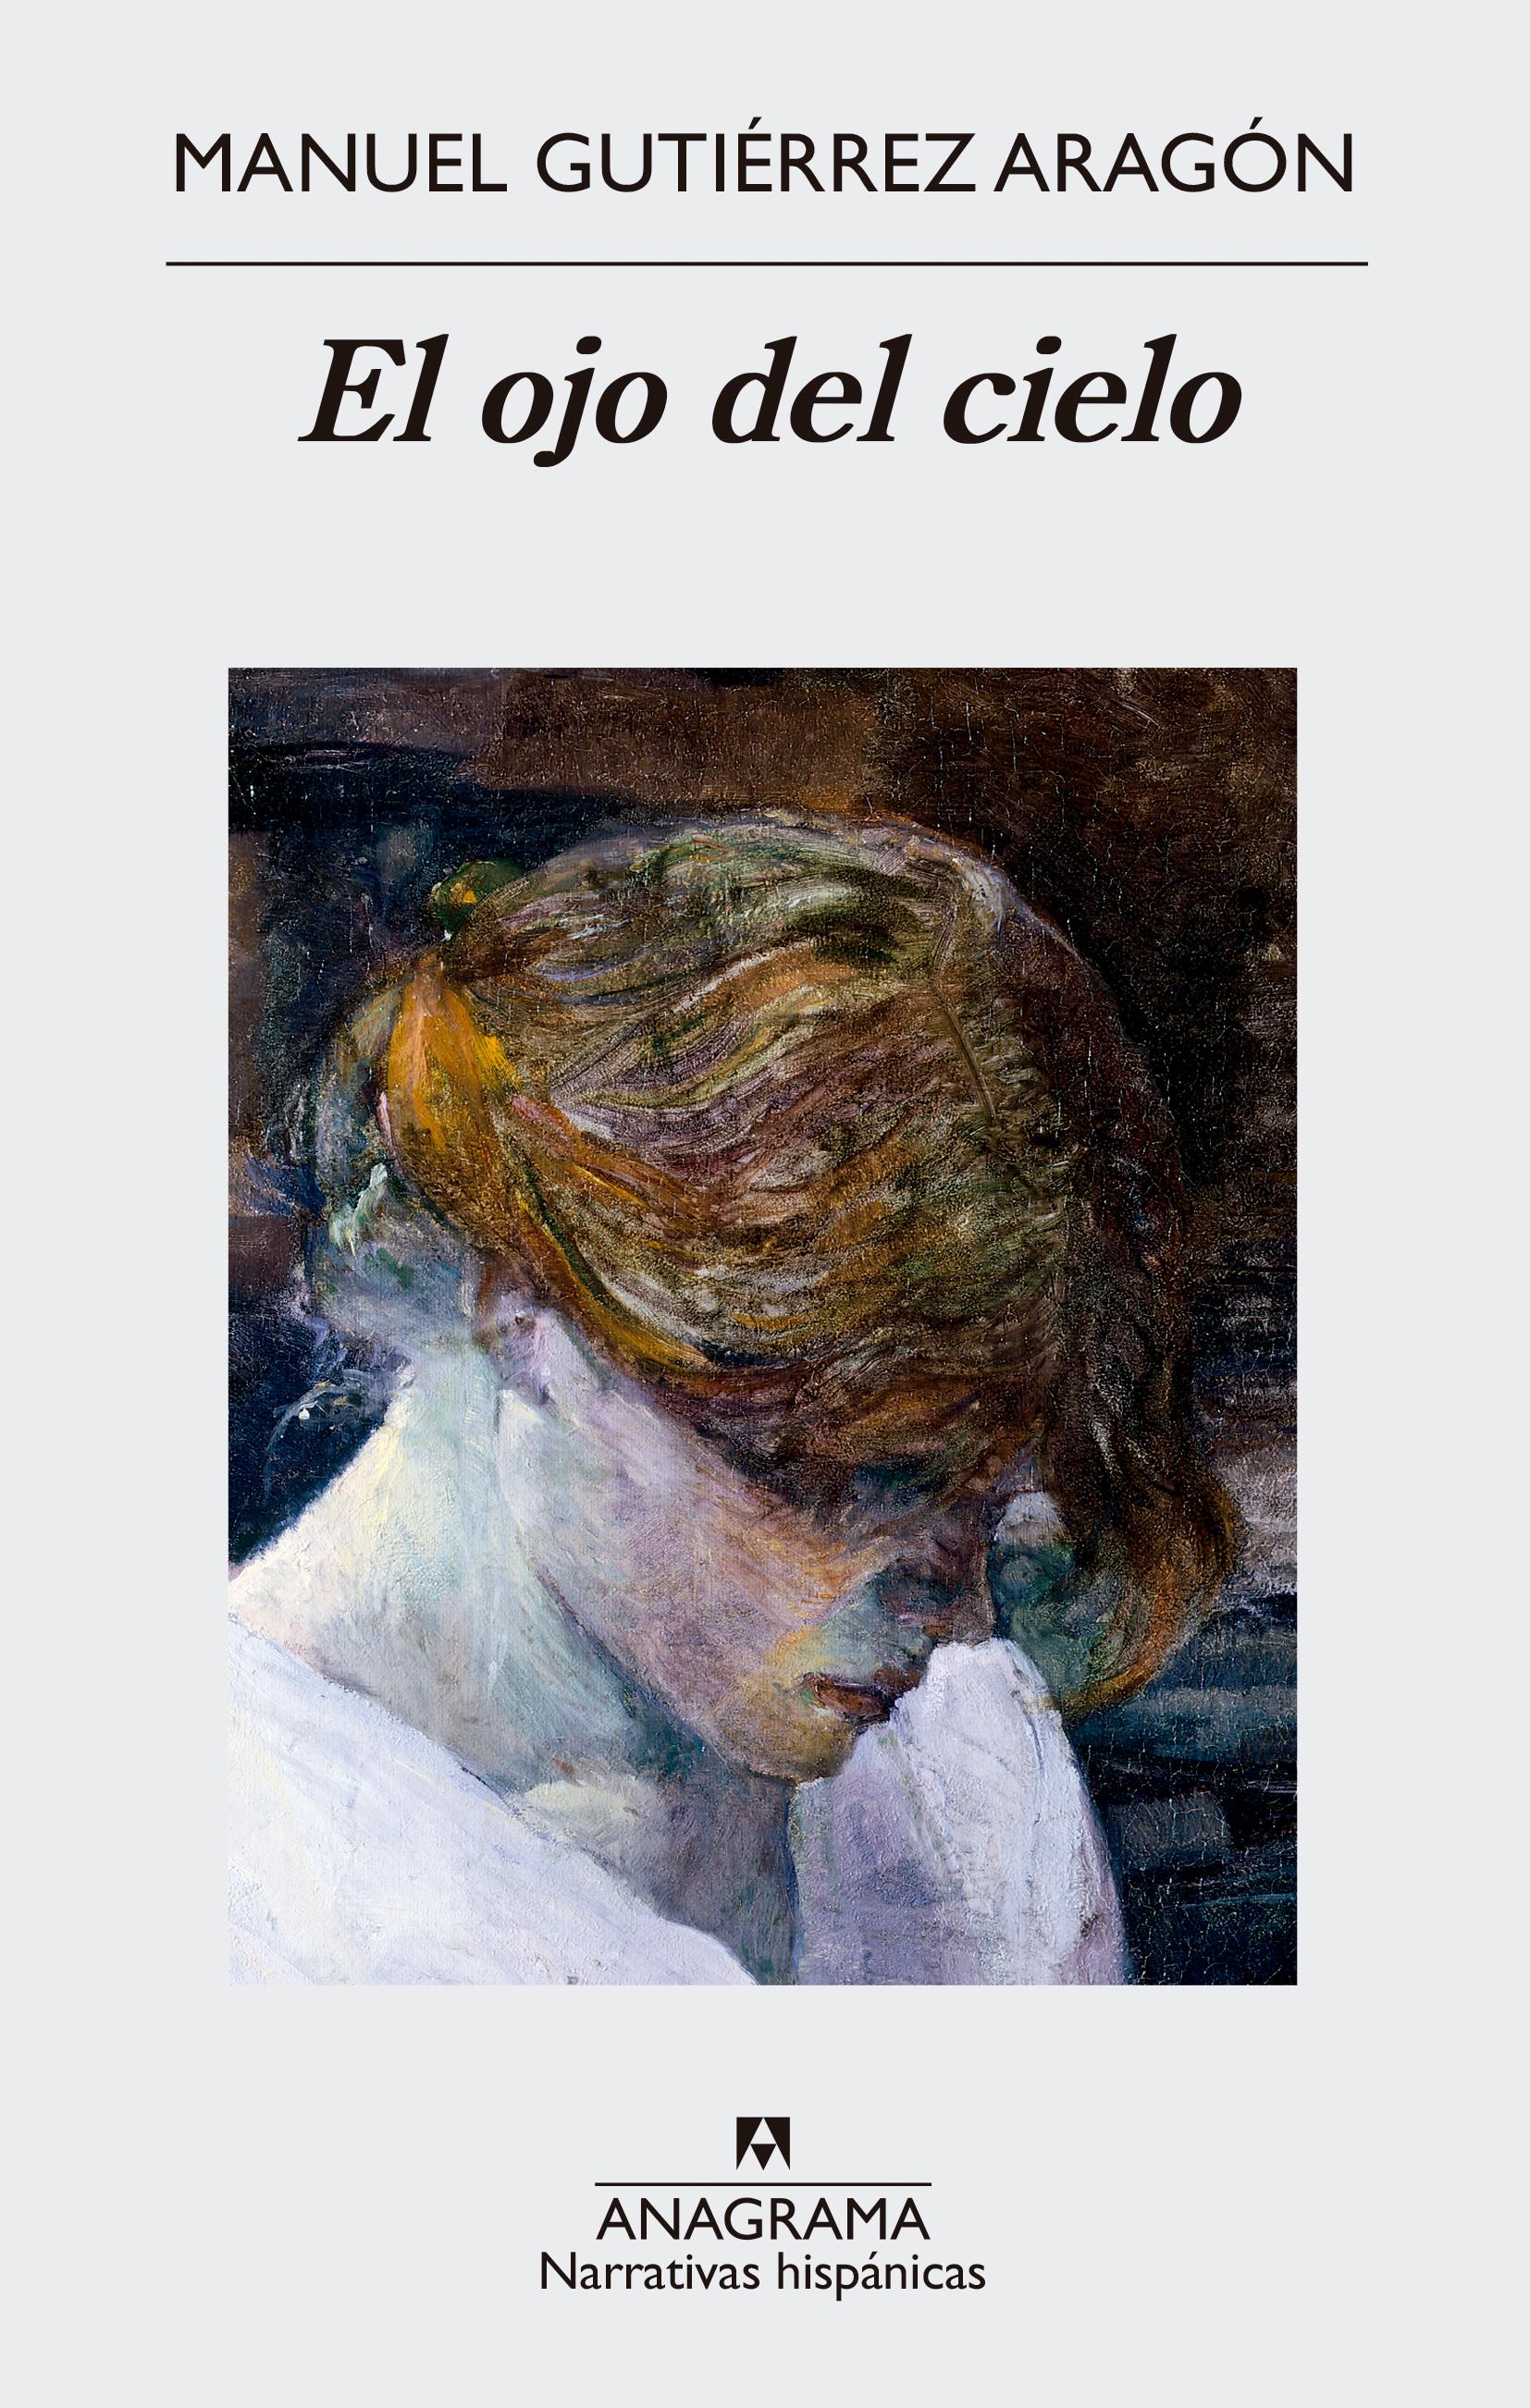 El ojo del cielo - Gutiérrez Aragón, Manuel - 978-84-339-9856-9 - Editorial  Anagrama